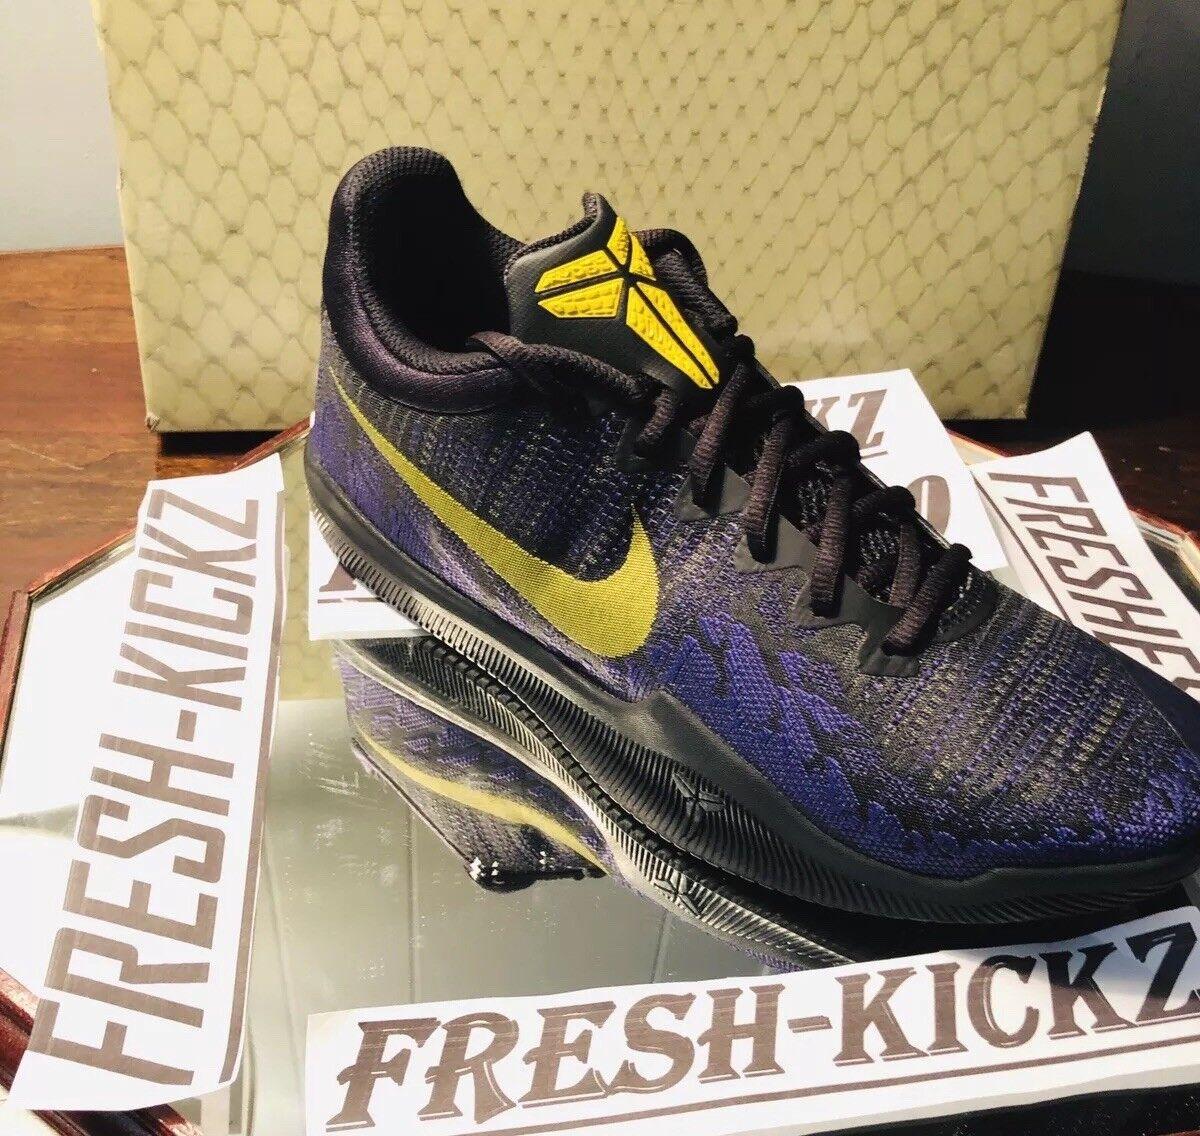 Lakers City Edition Nights Nike Mamba Rage Kobe Bryant Black gold Purple SZ 10.5